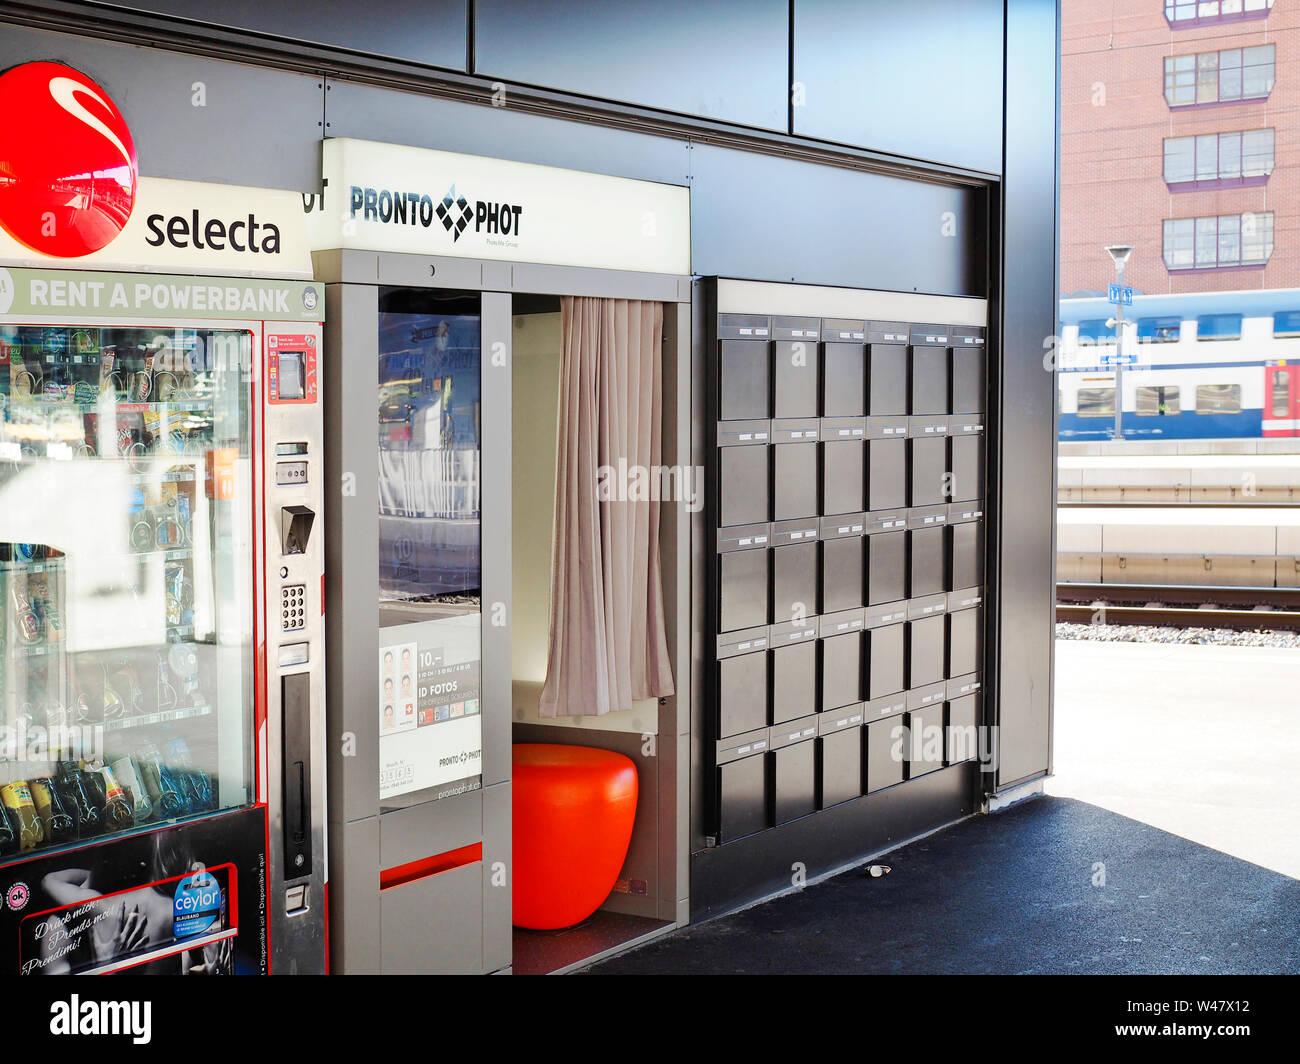 Eine Foto-Kabine von Prontophot Schweiz am Bahnhof Zürich-Oerlikon Foto Stock